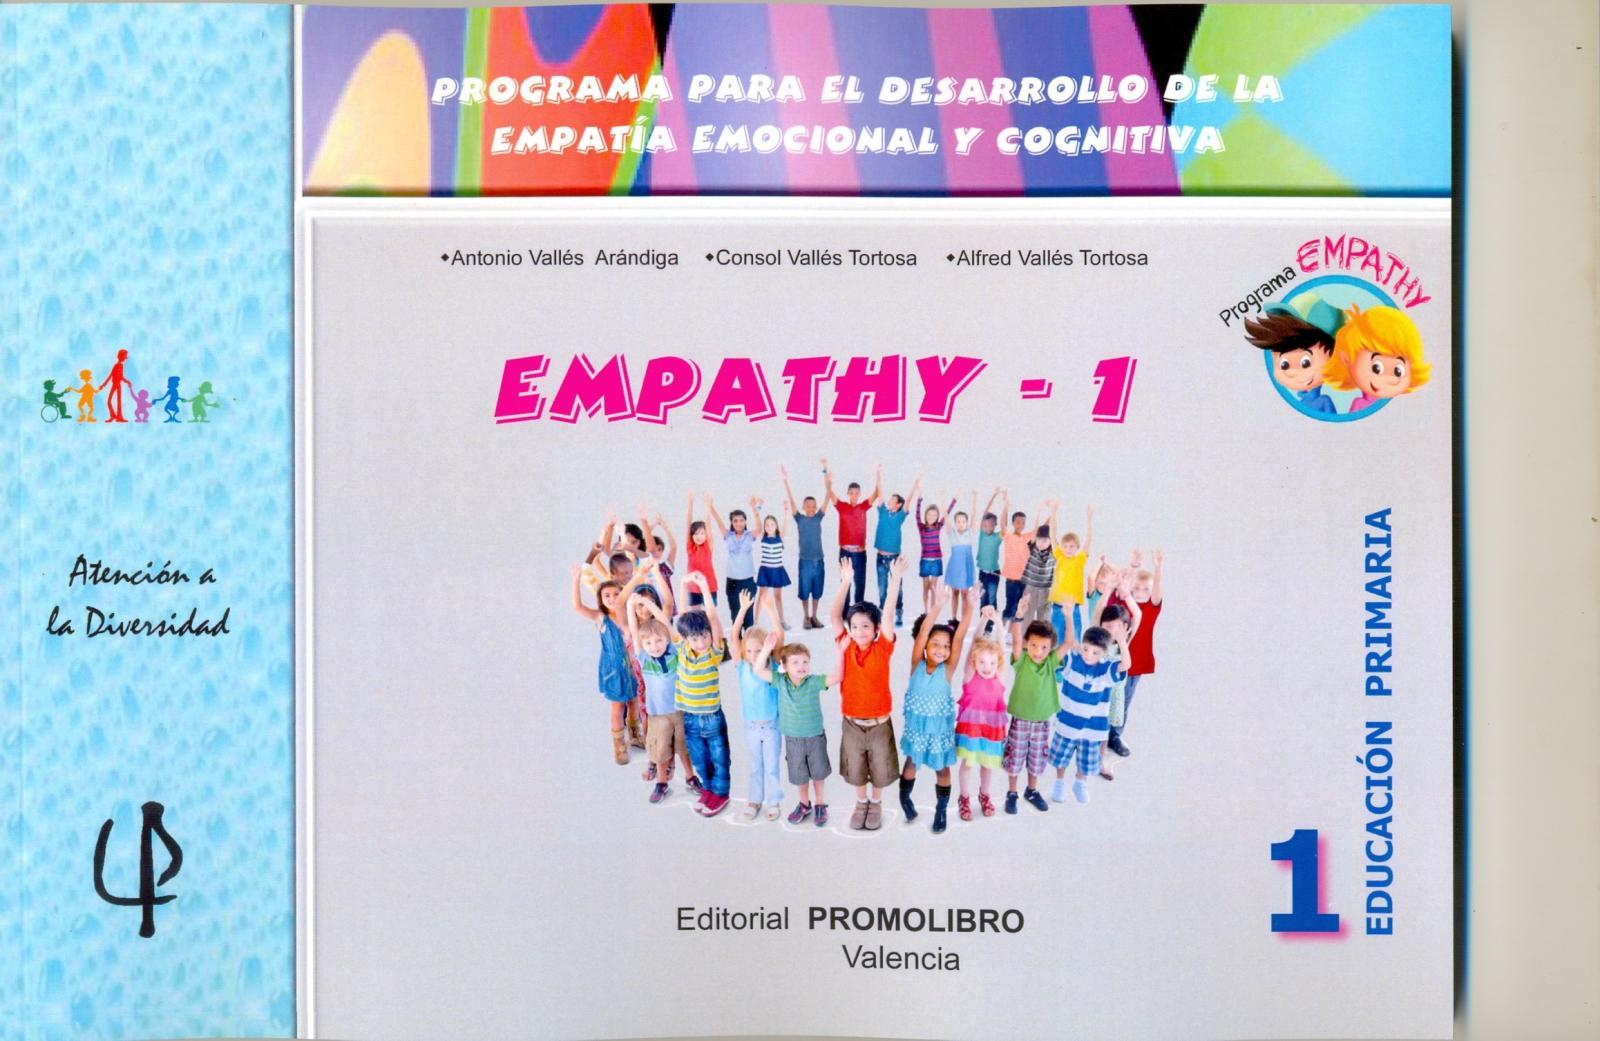 226.- EMPATHY-1. Programa para el desarrollo de la empatía emocional y cognitiva. 1º Educación Primaria